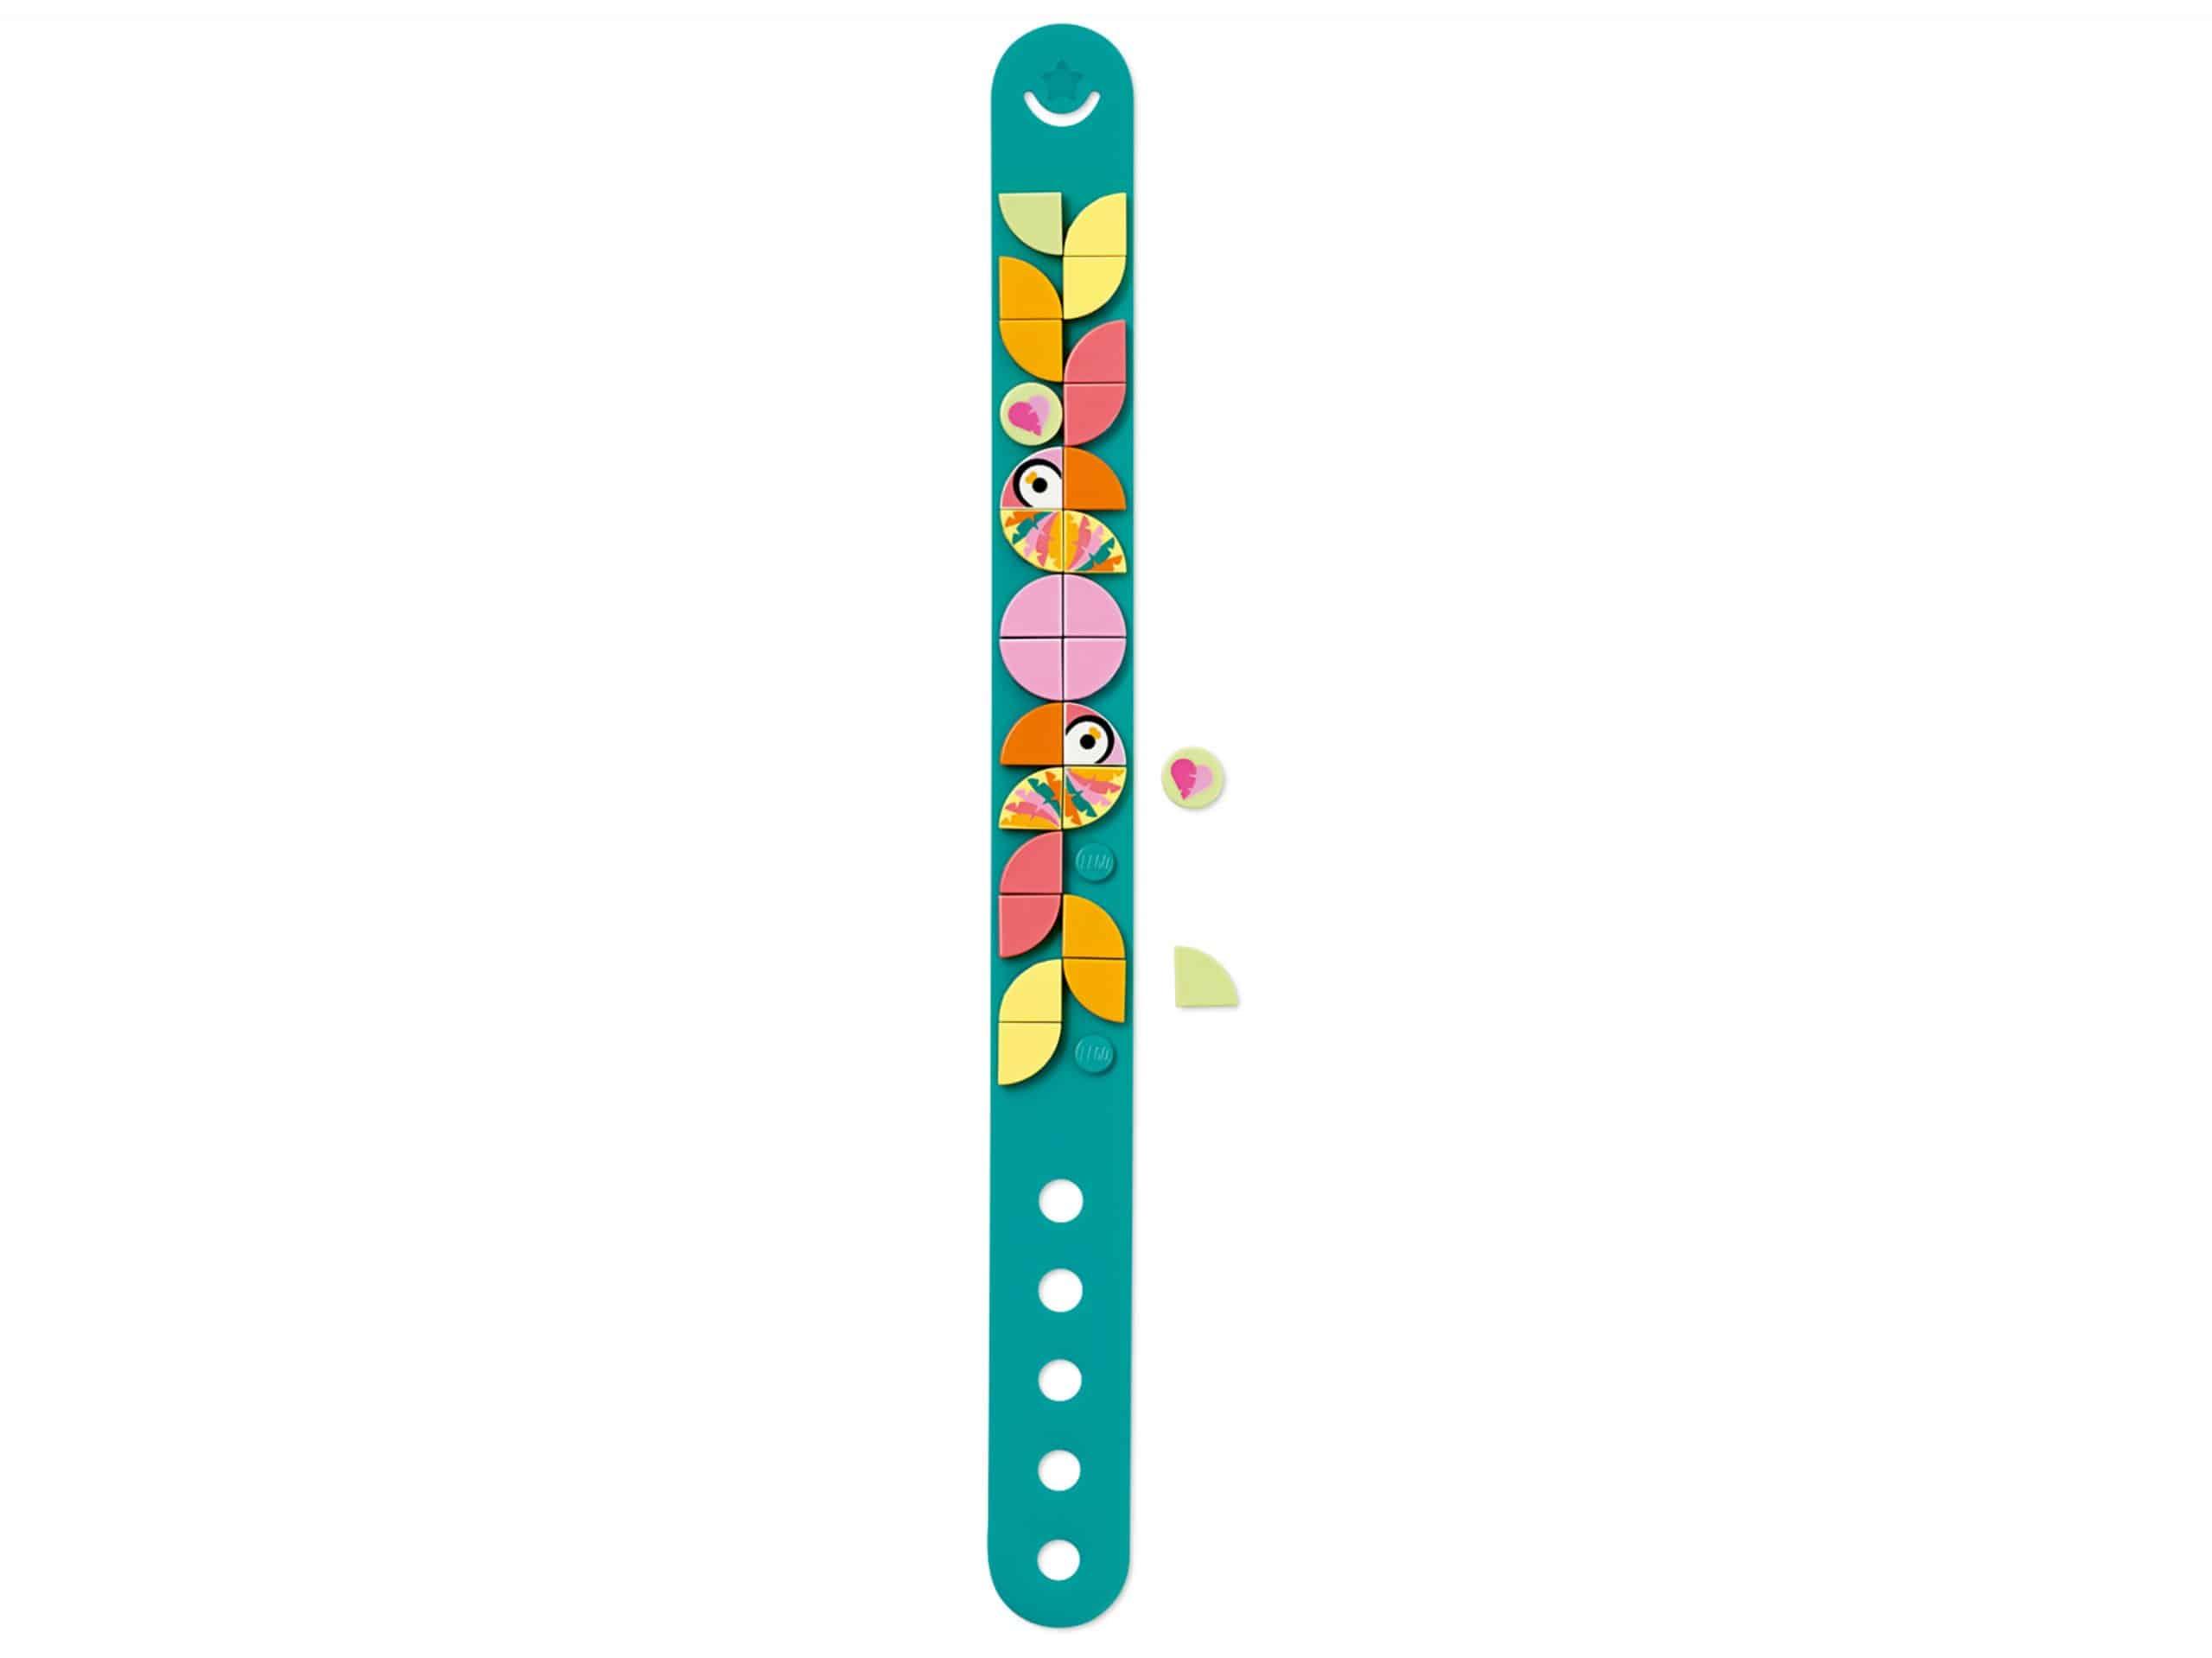 lego 41912 flamingo armband scaled